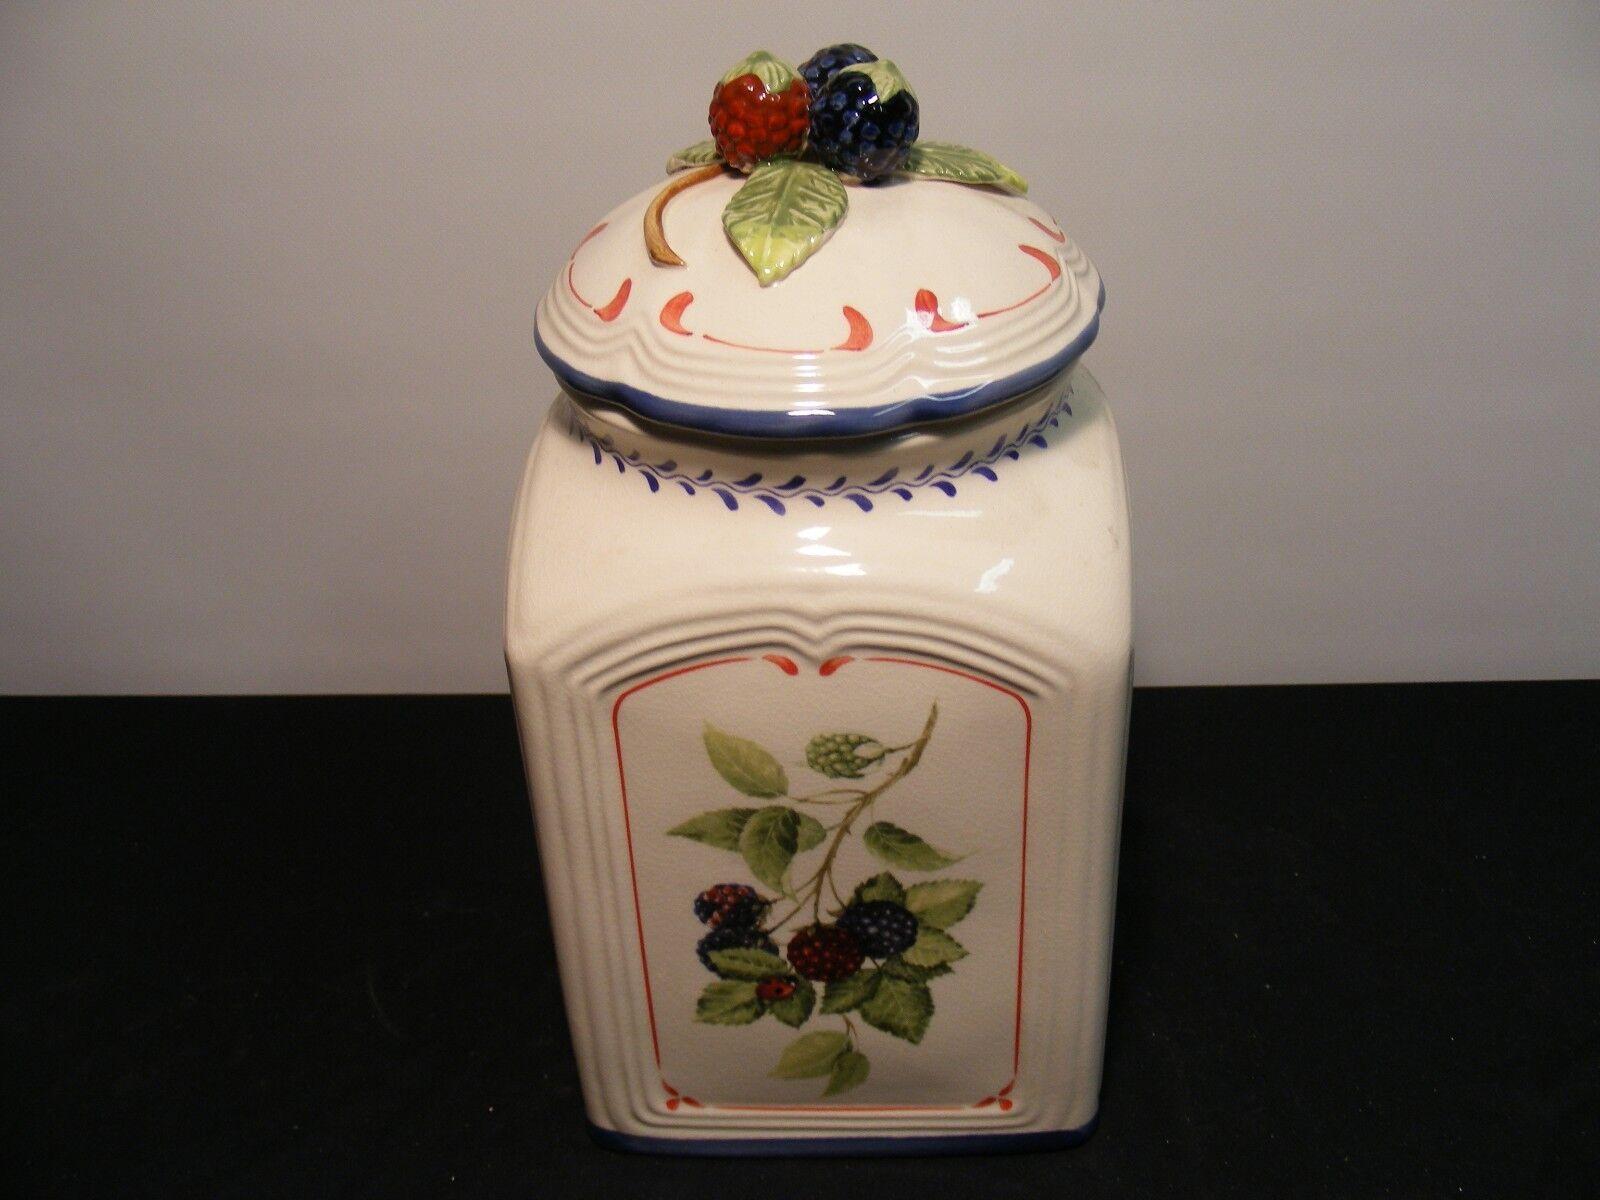 Villeroy & Boch Cottage Charm Tortenplatte Tortenplatte Tortenplatte Kuchenplatte Pasta Dose Gebraucht | Hohe Qualität und günstig  a2cefb